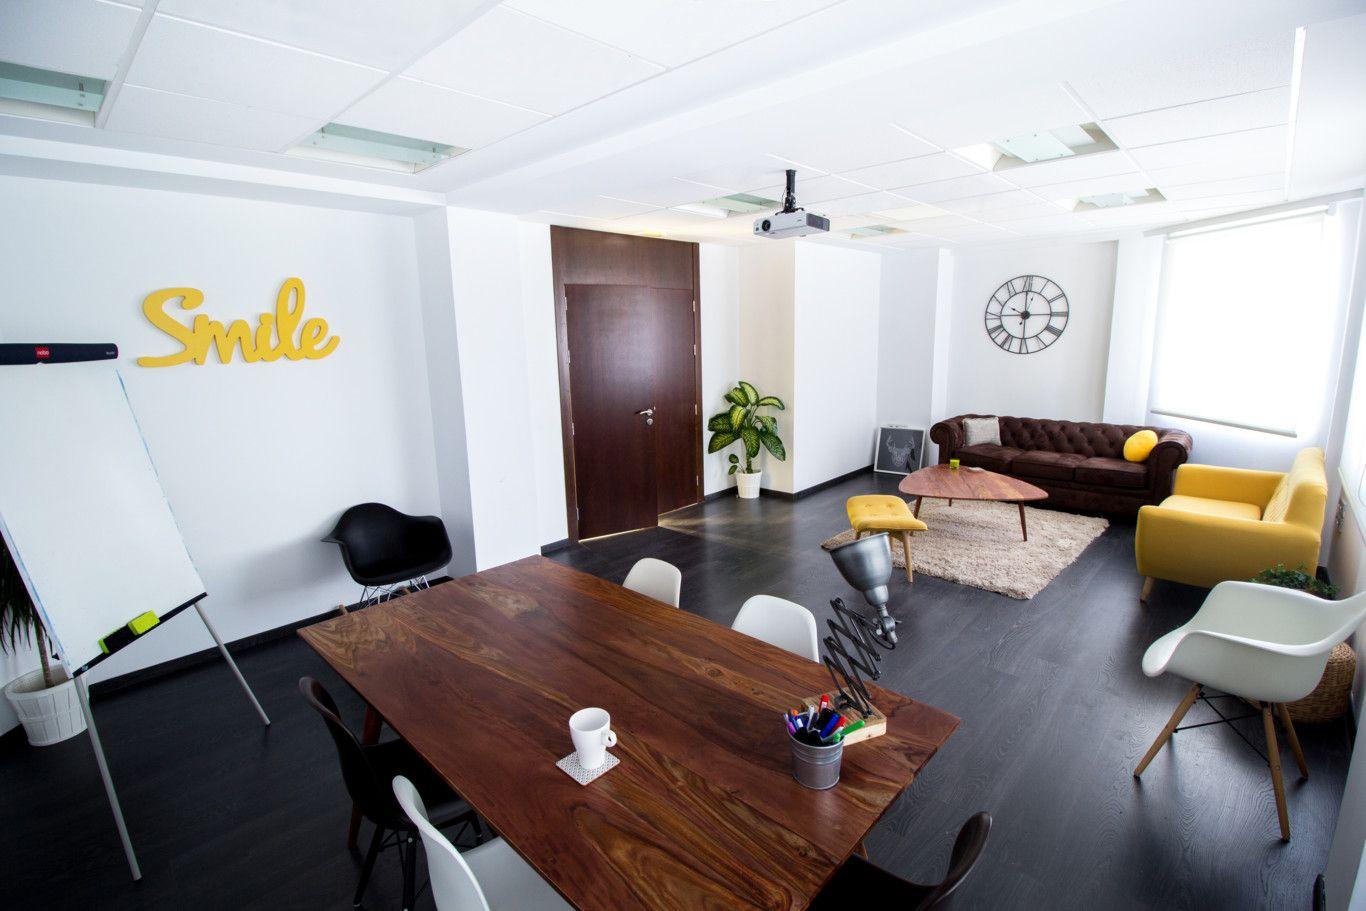 Pin De Carlos Ferro Pozo En Coworking Pinterest Acogedor  # Muebles Oficina Cox